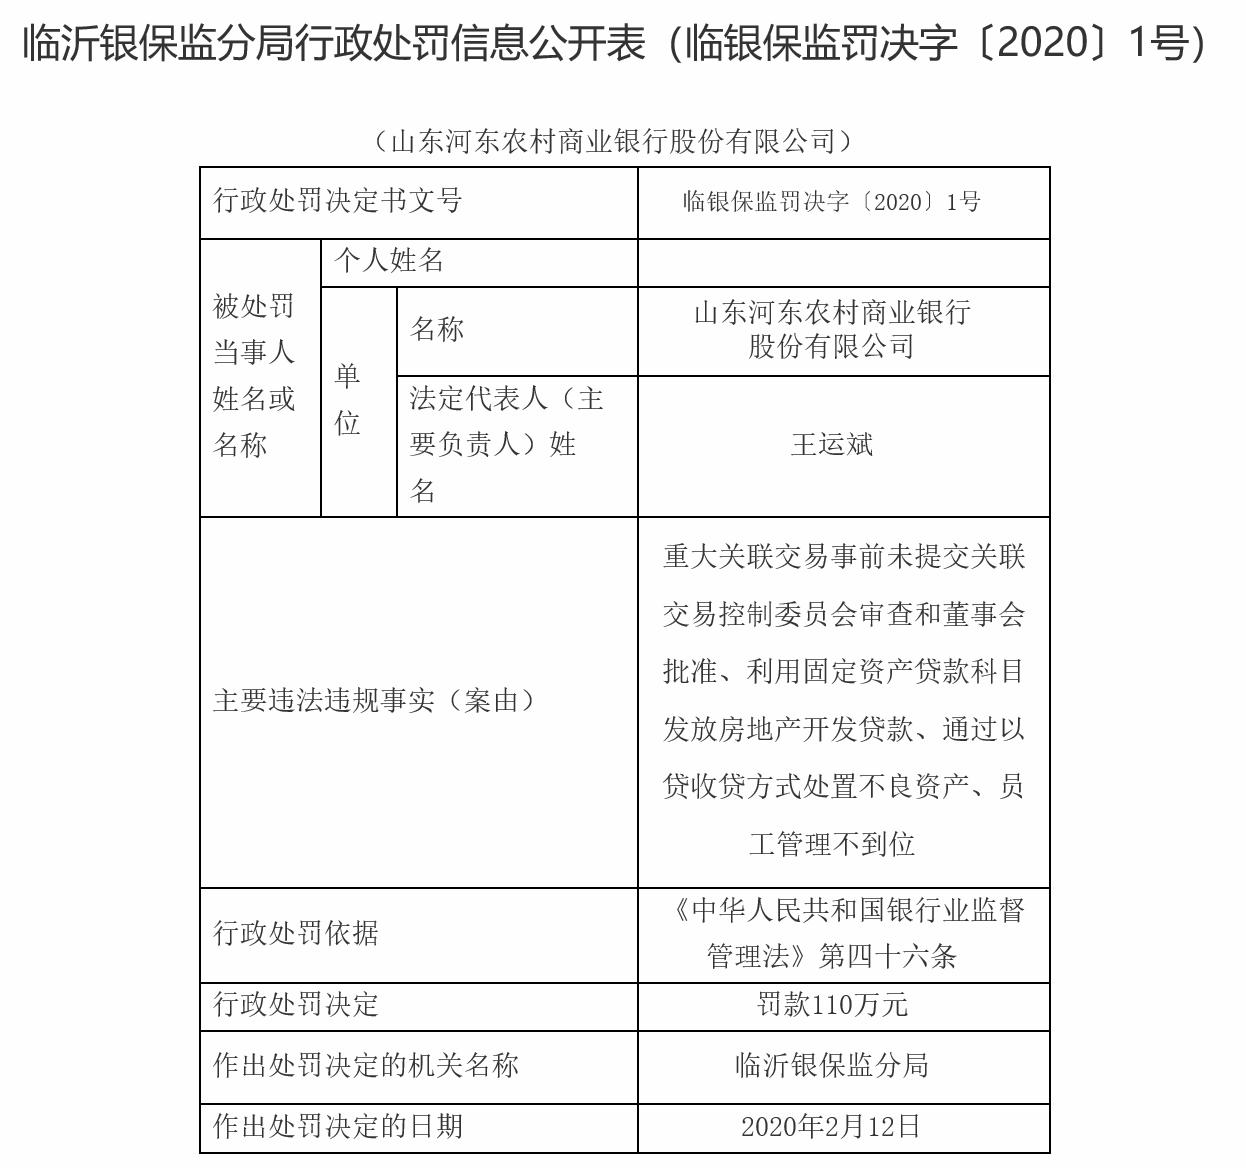 山东河东农商行因利用固资贷款科目发放房地产开发贷款等被罚110万元